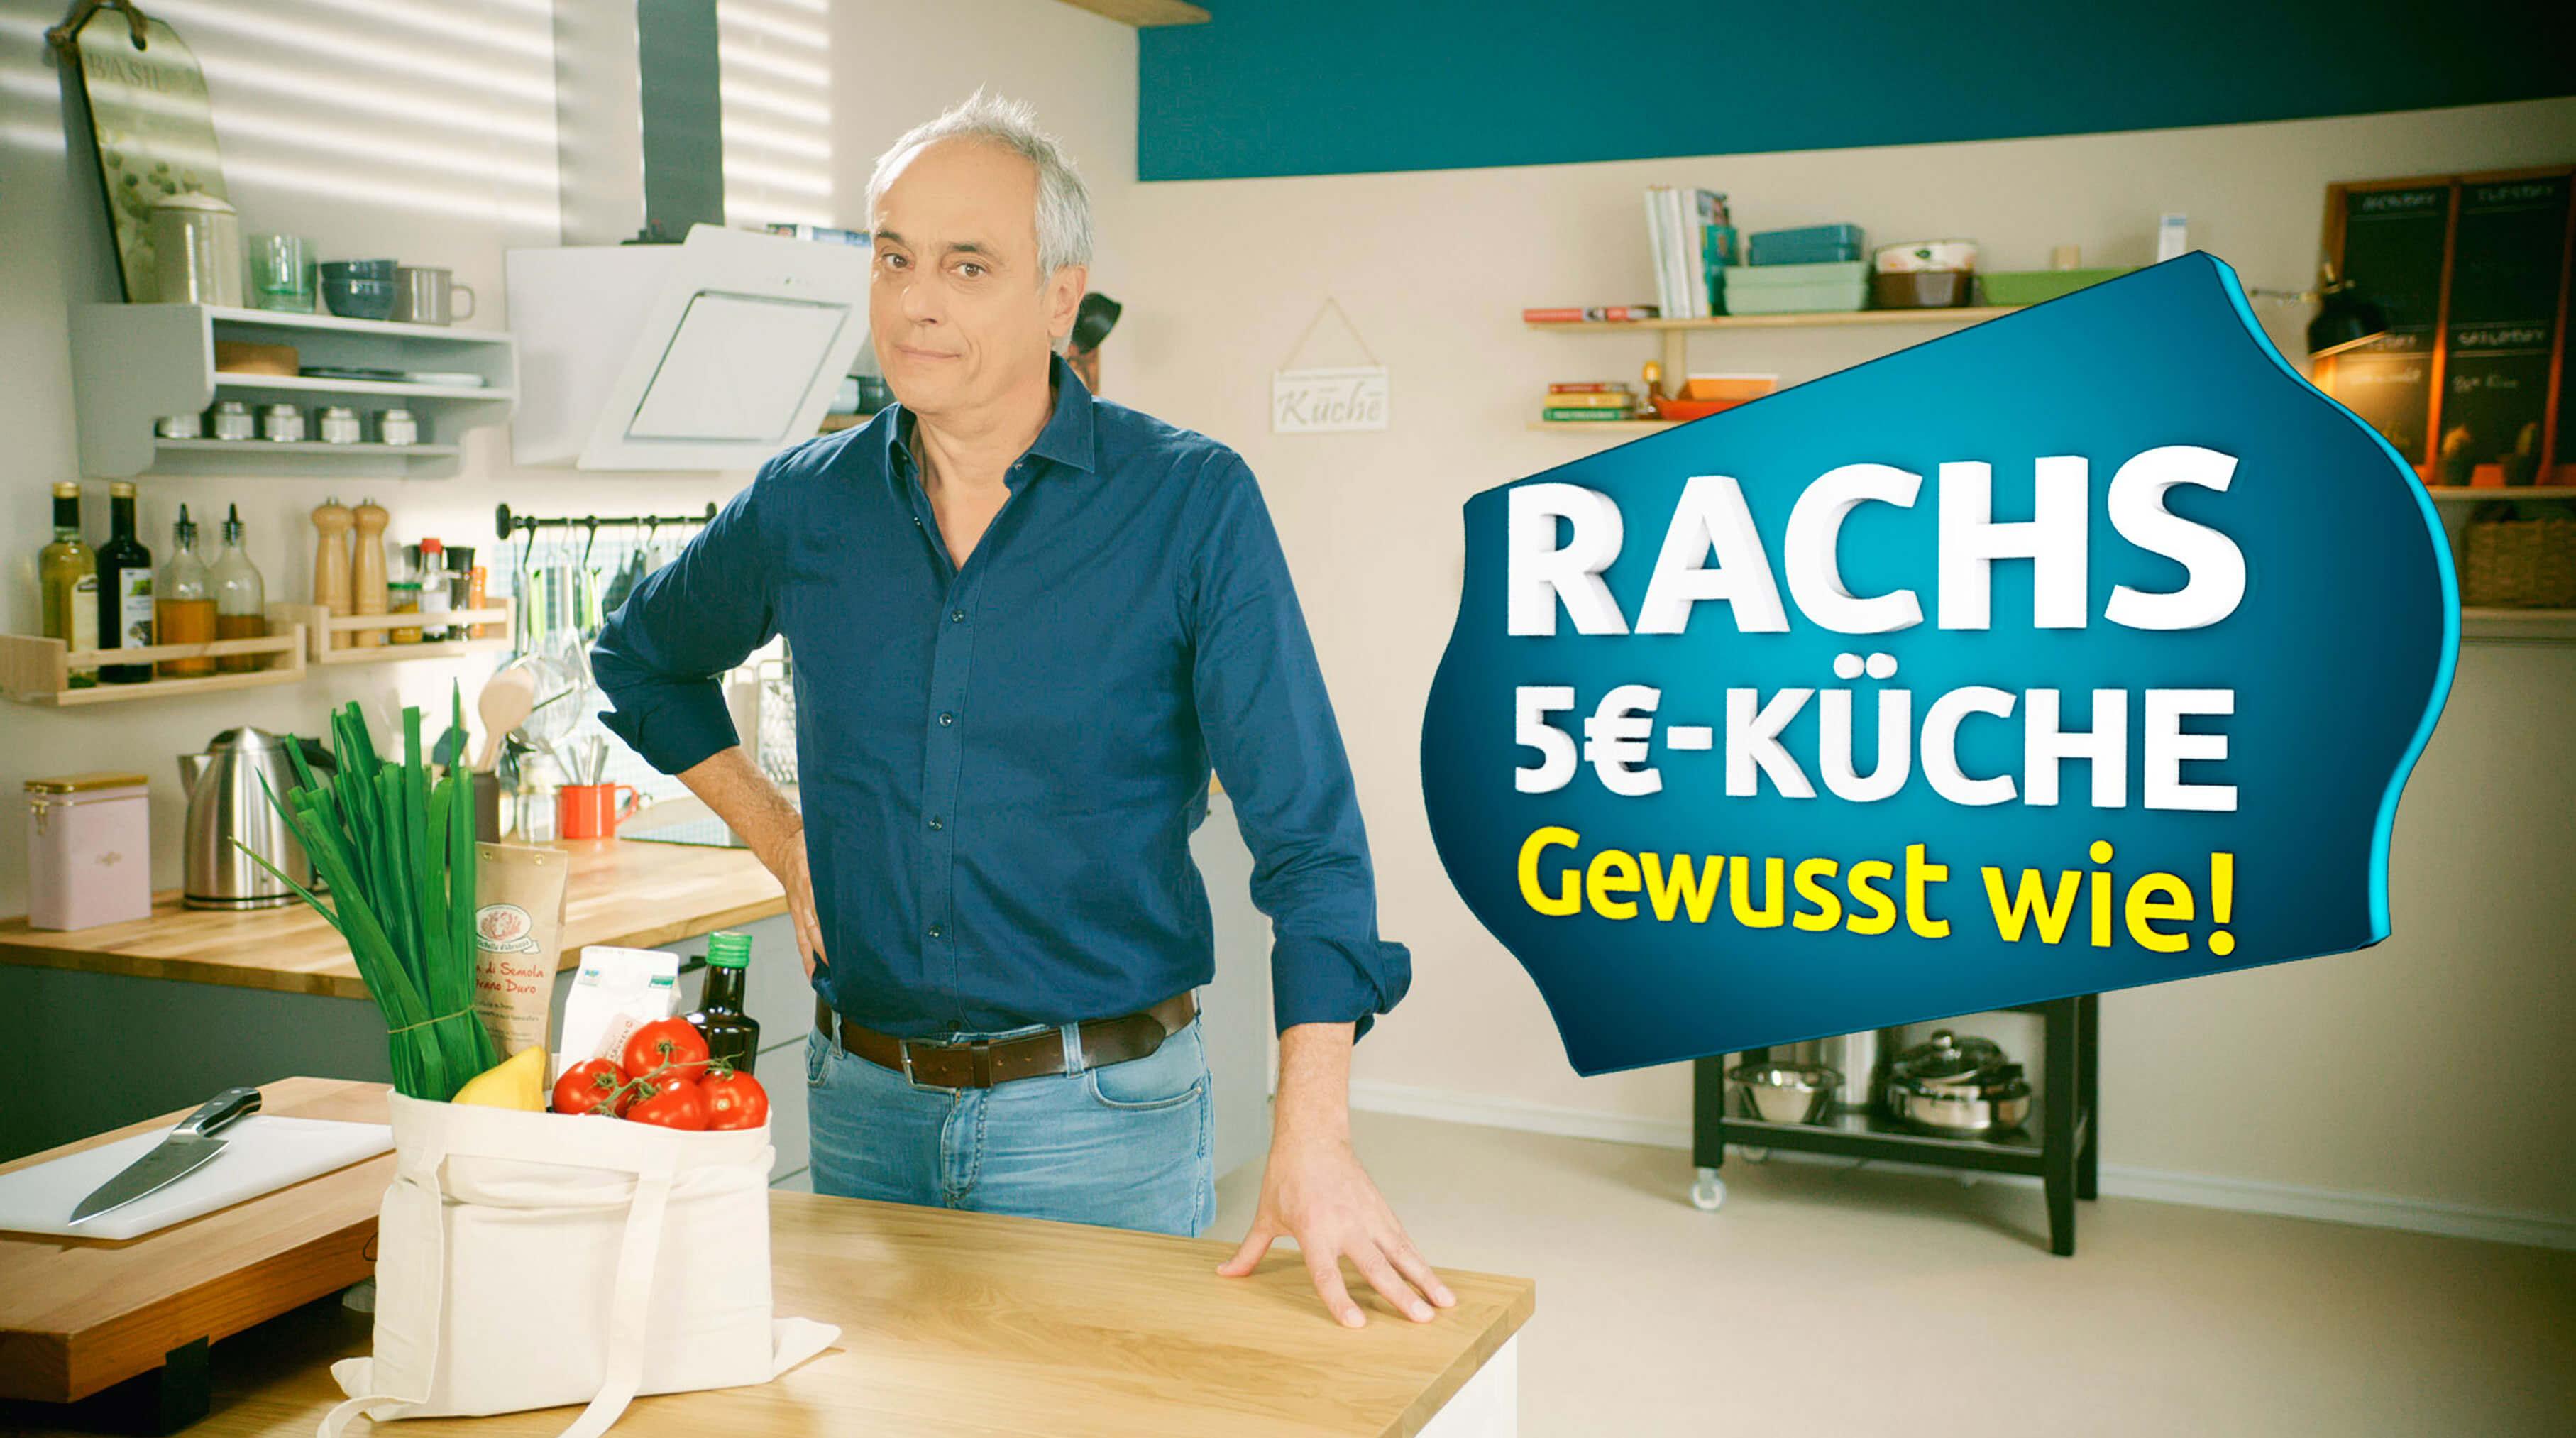 5 Euro Küche